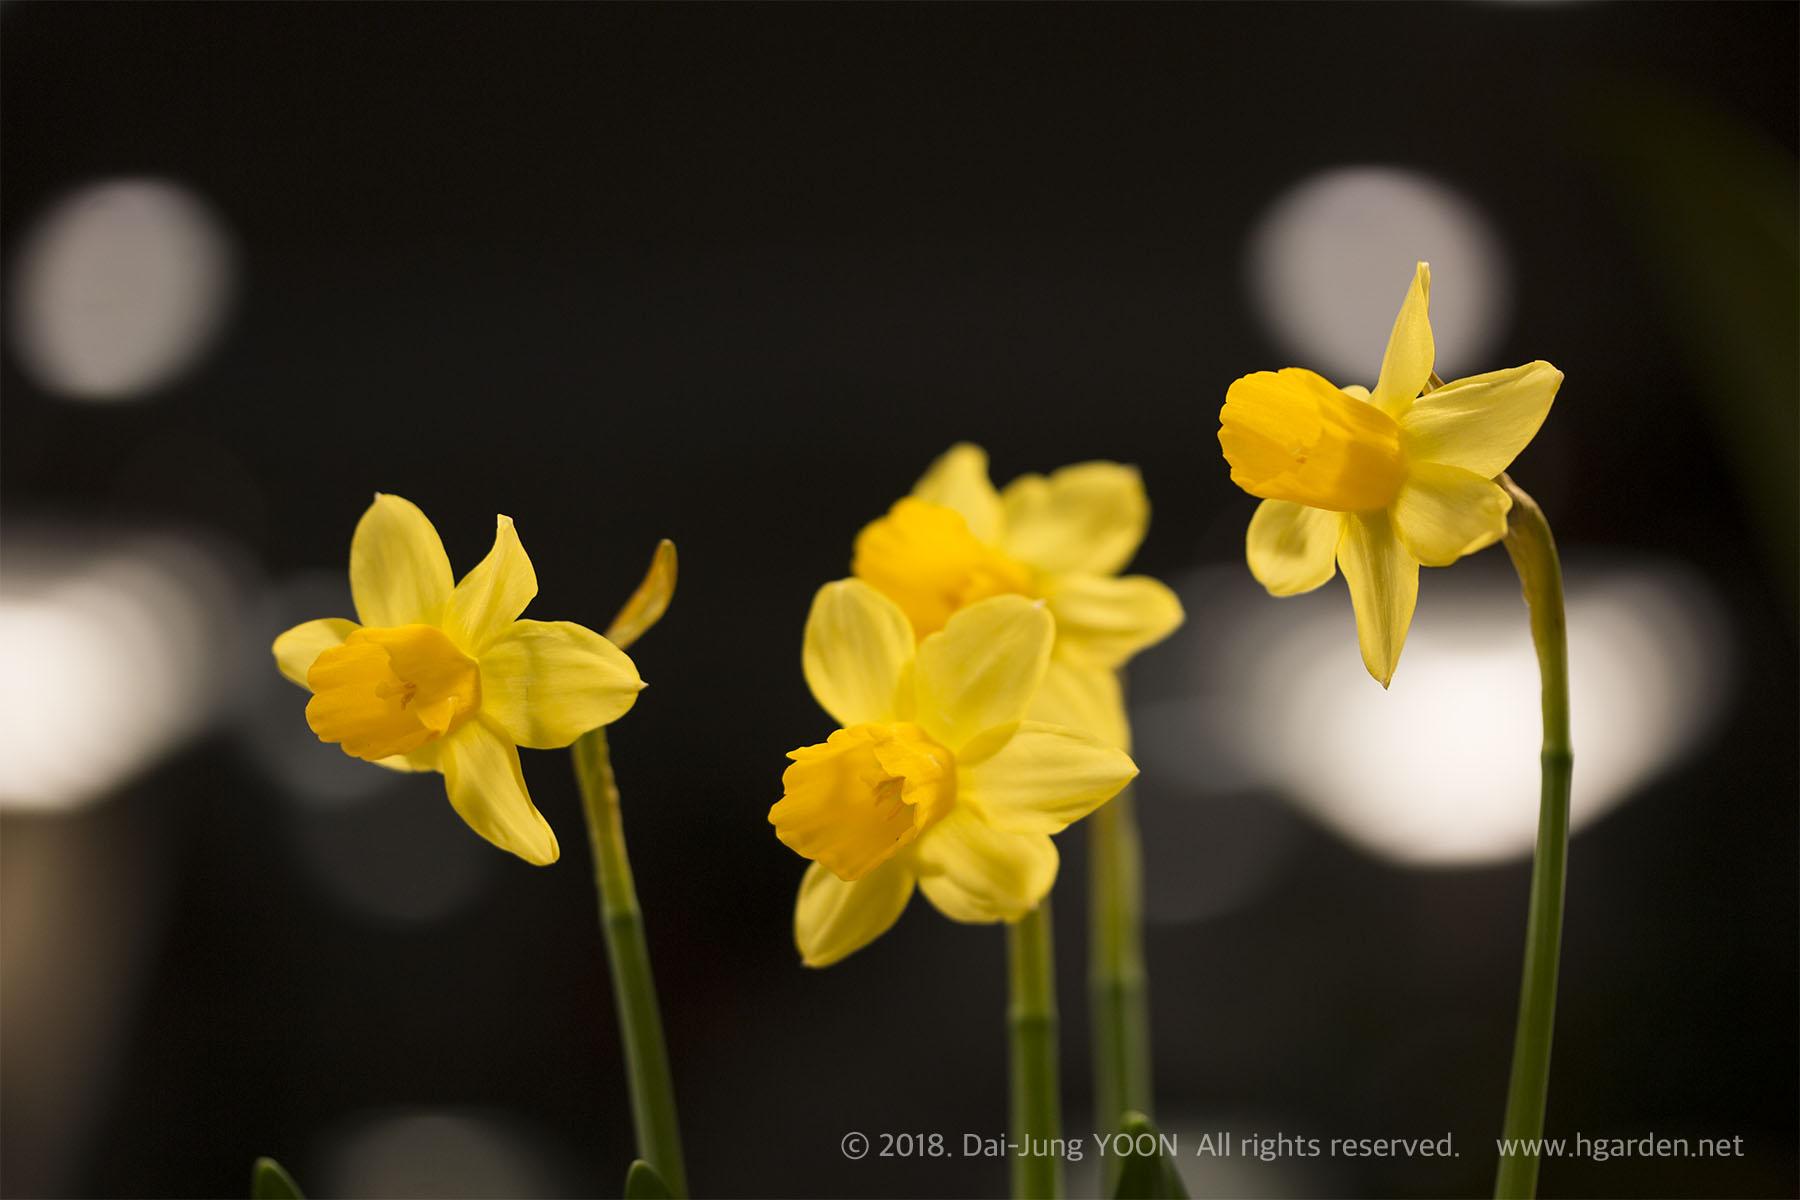 수선화 Narcissus(Daffodil)